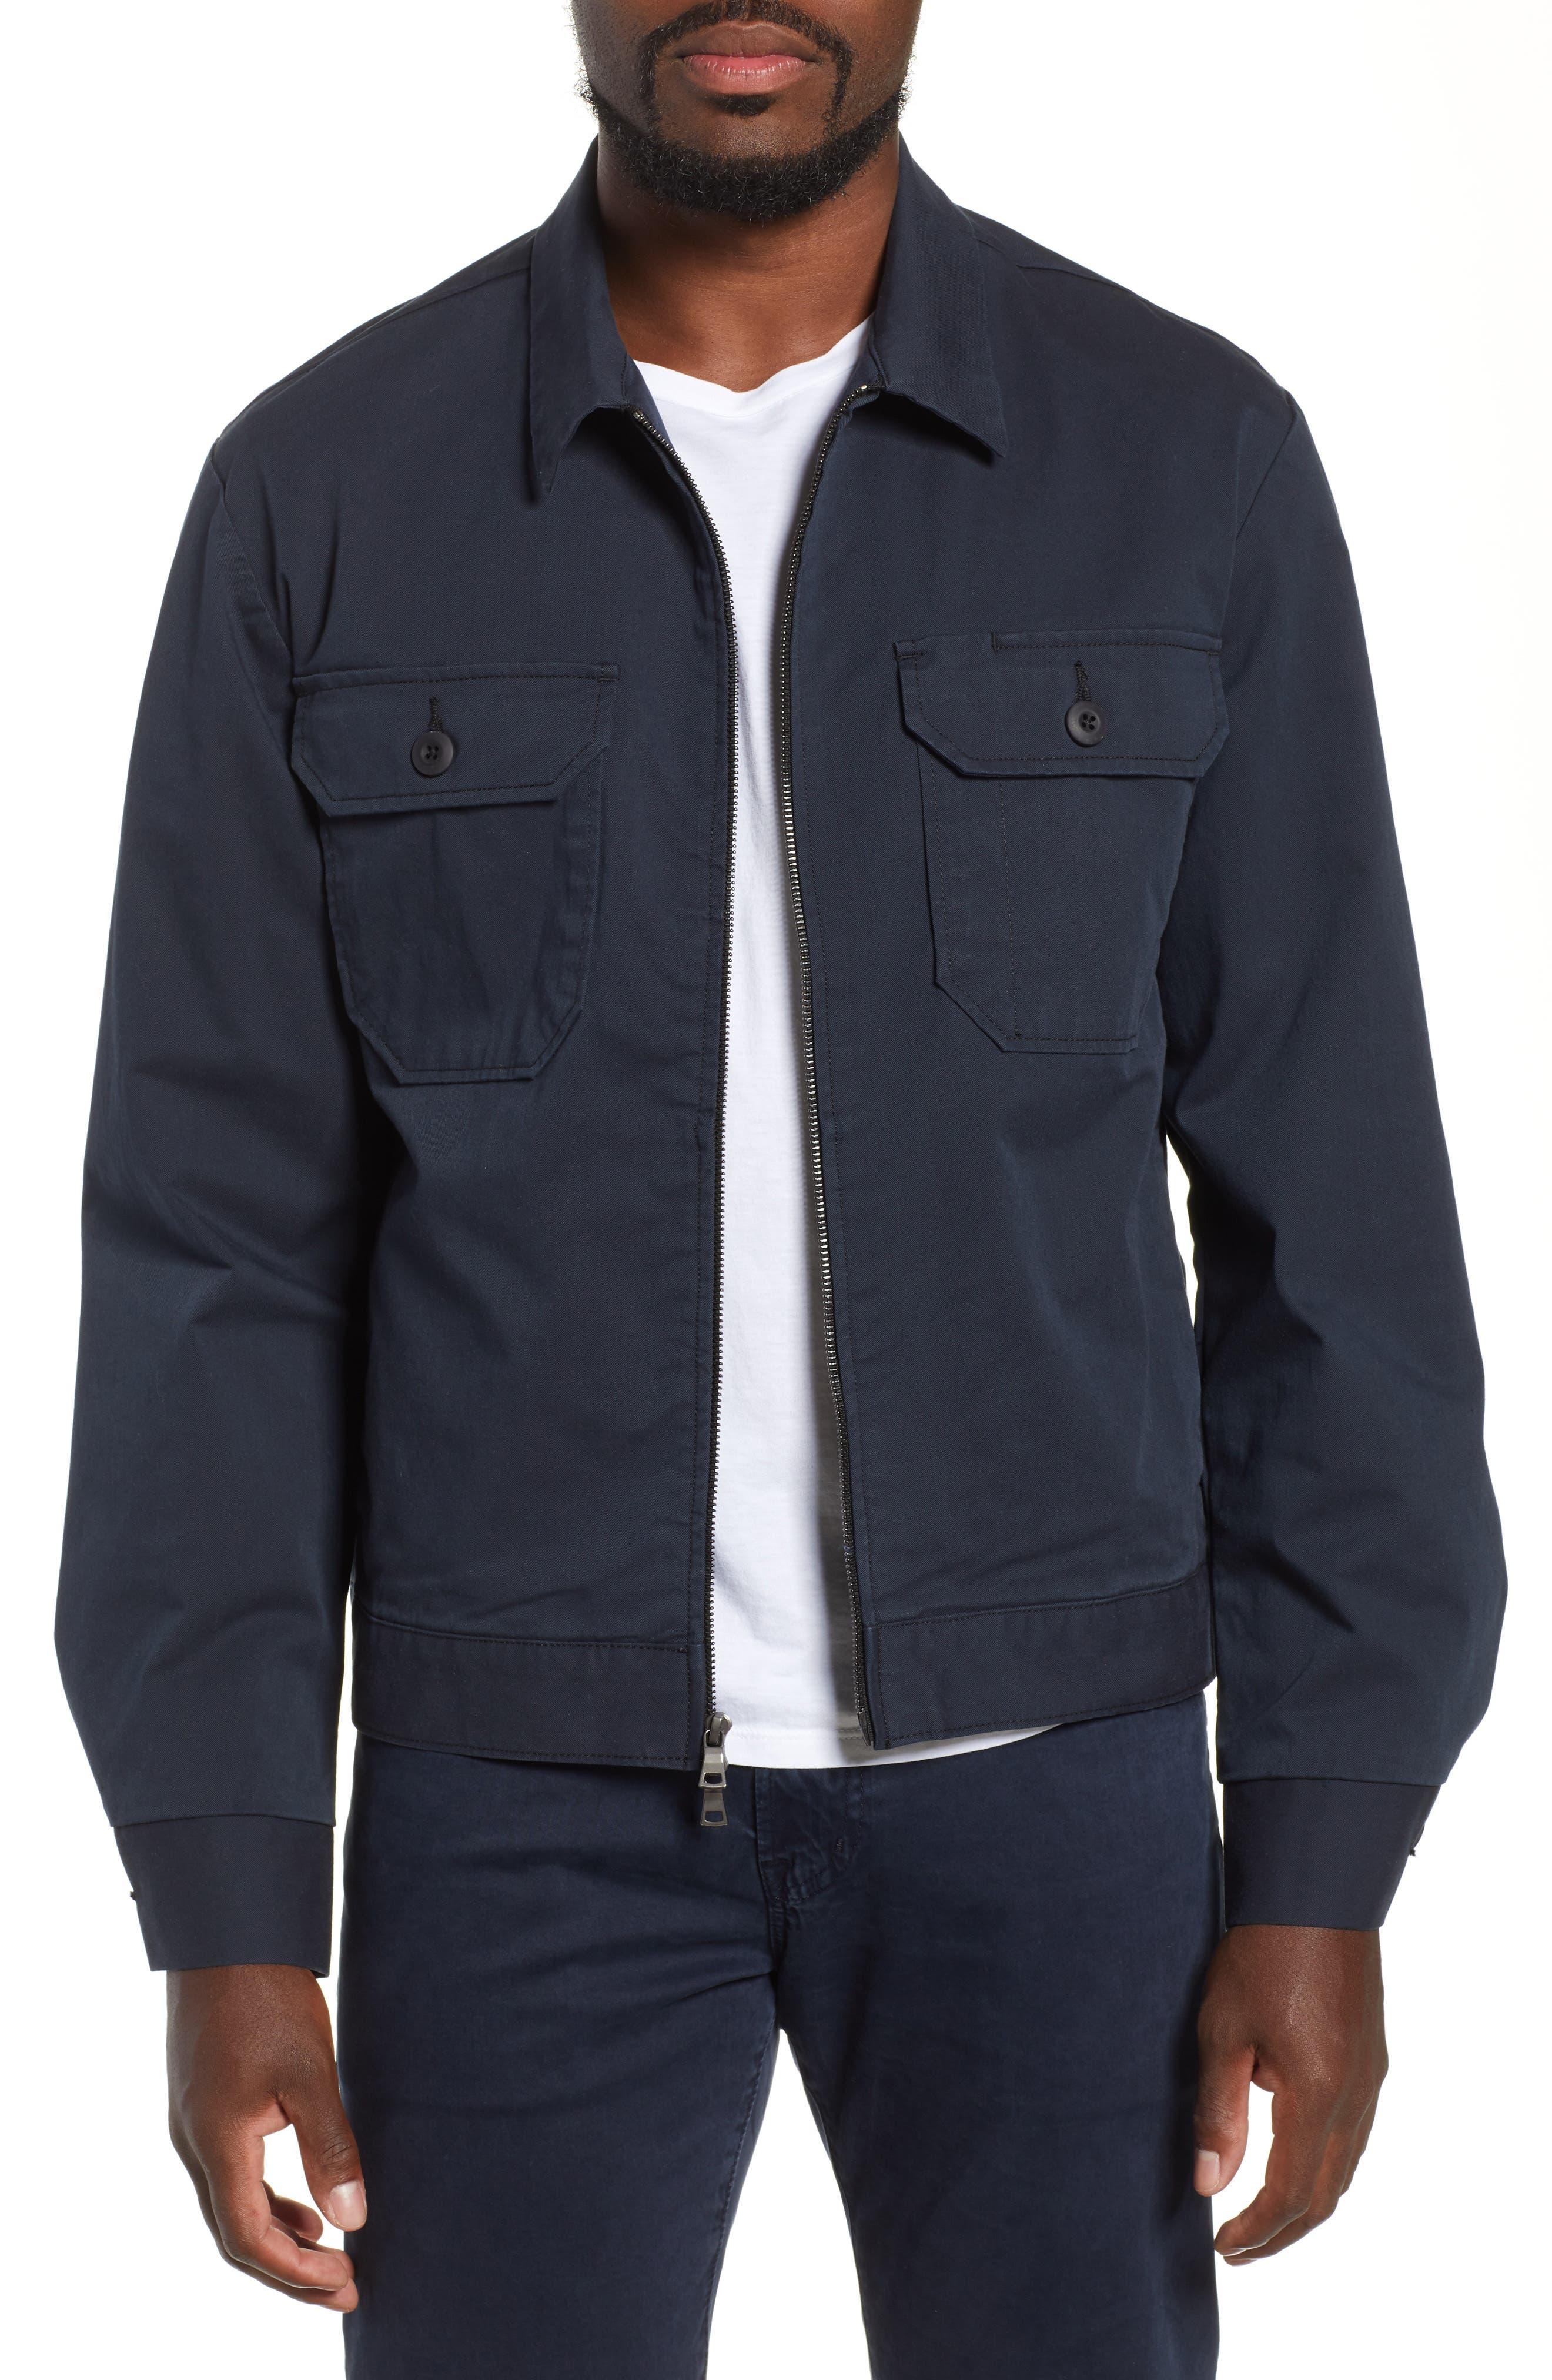 Axle Shop Regular Stretch Cotton Blend Jacket,                         Main,                         color, BLUE VAULT/ BLACK